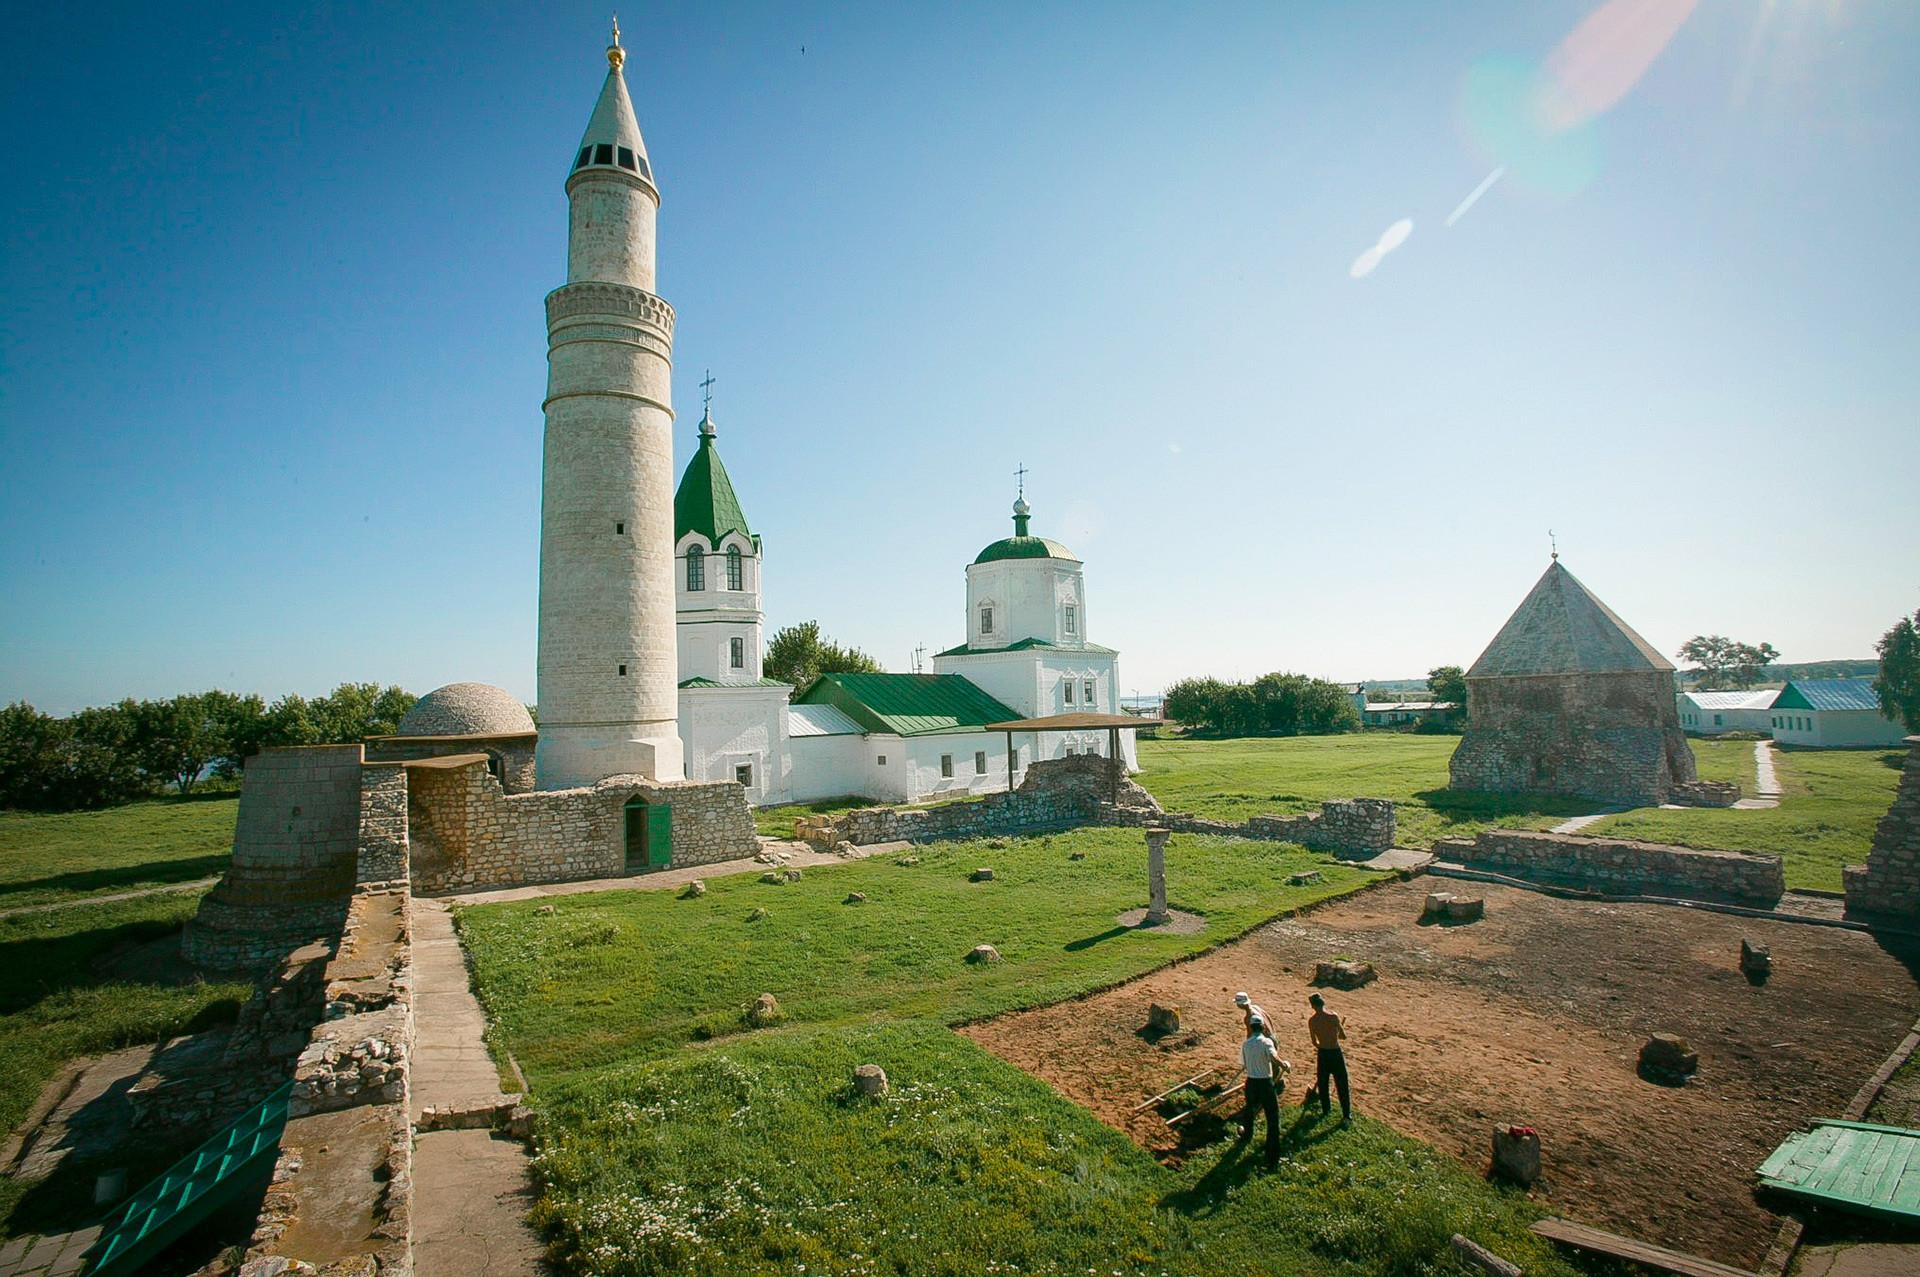 Mešanje zgodovine in verstev na enem mestu. Opis vseh zgradb v nadaljevanju članka pod sliko.